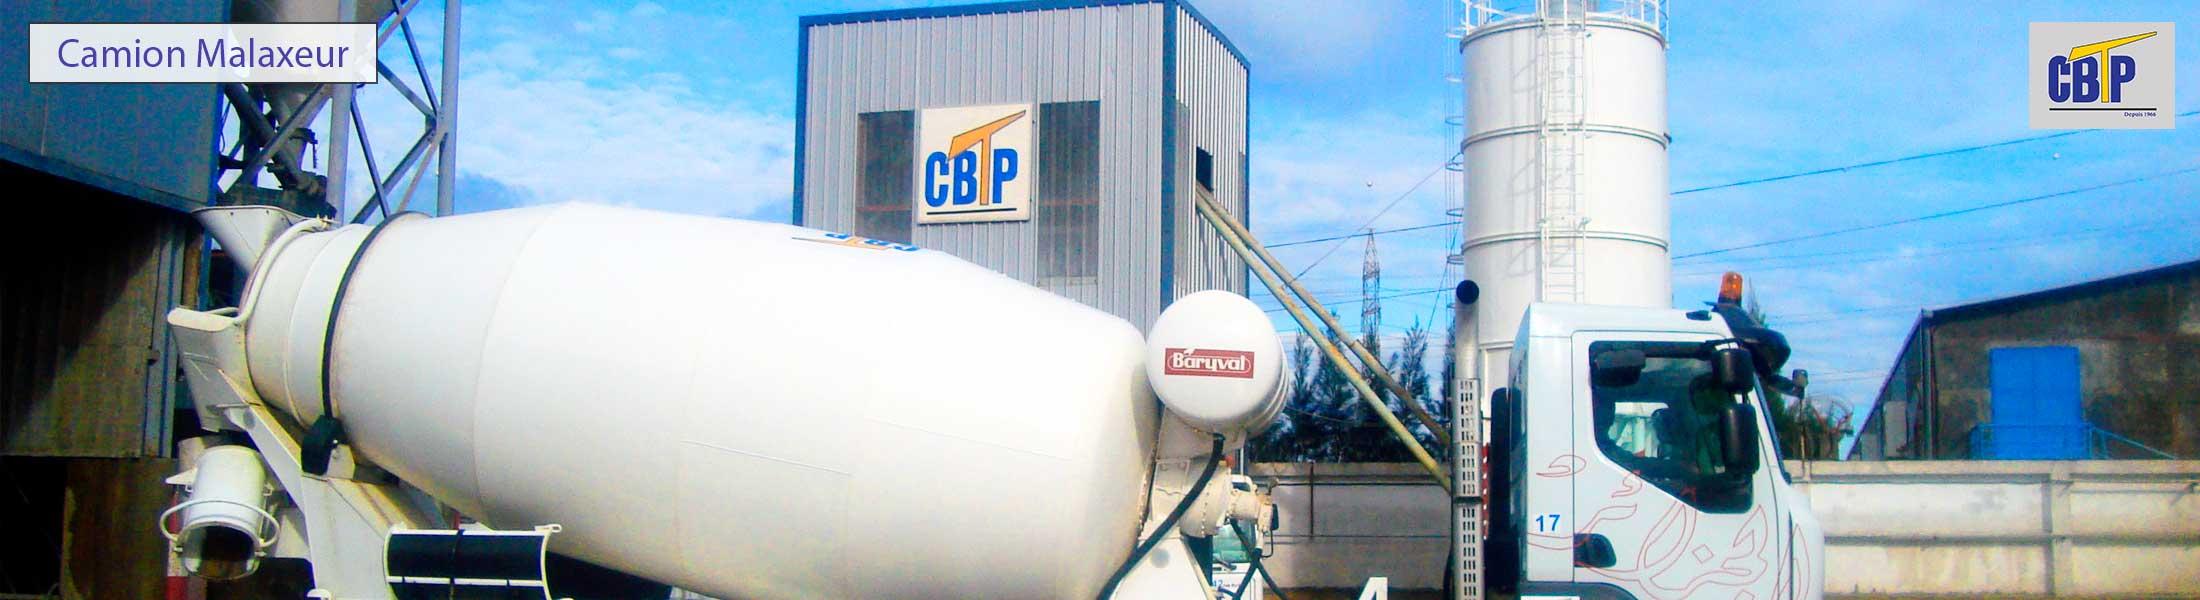 Camion transport béton prêt à l'emploi sorti de la centrale à béton, avec le logo de CBTP bien distinct